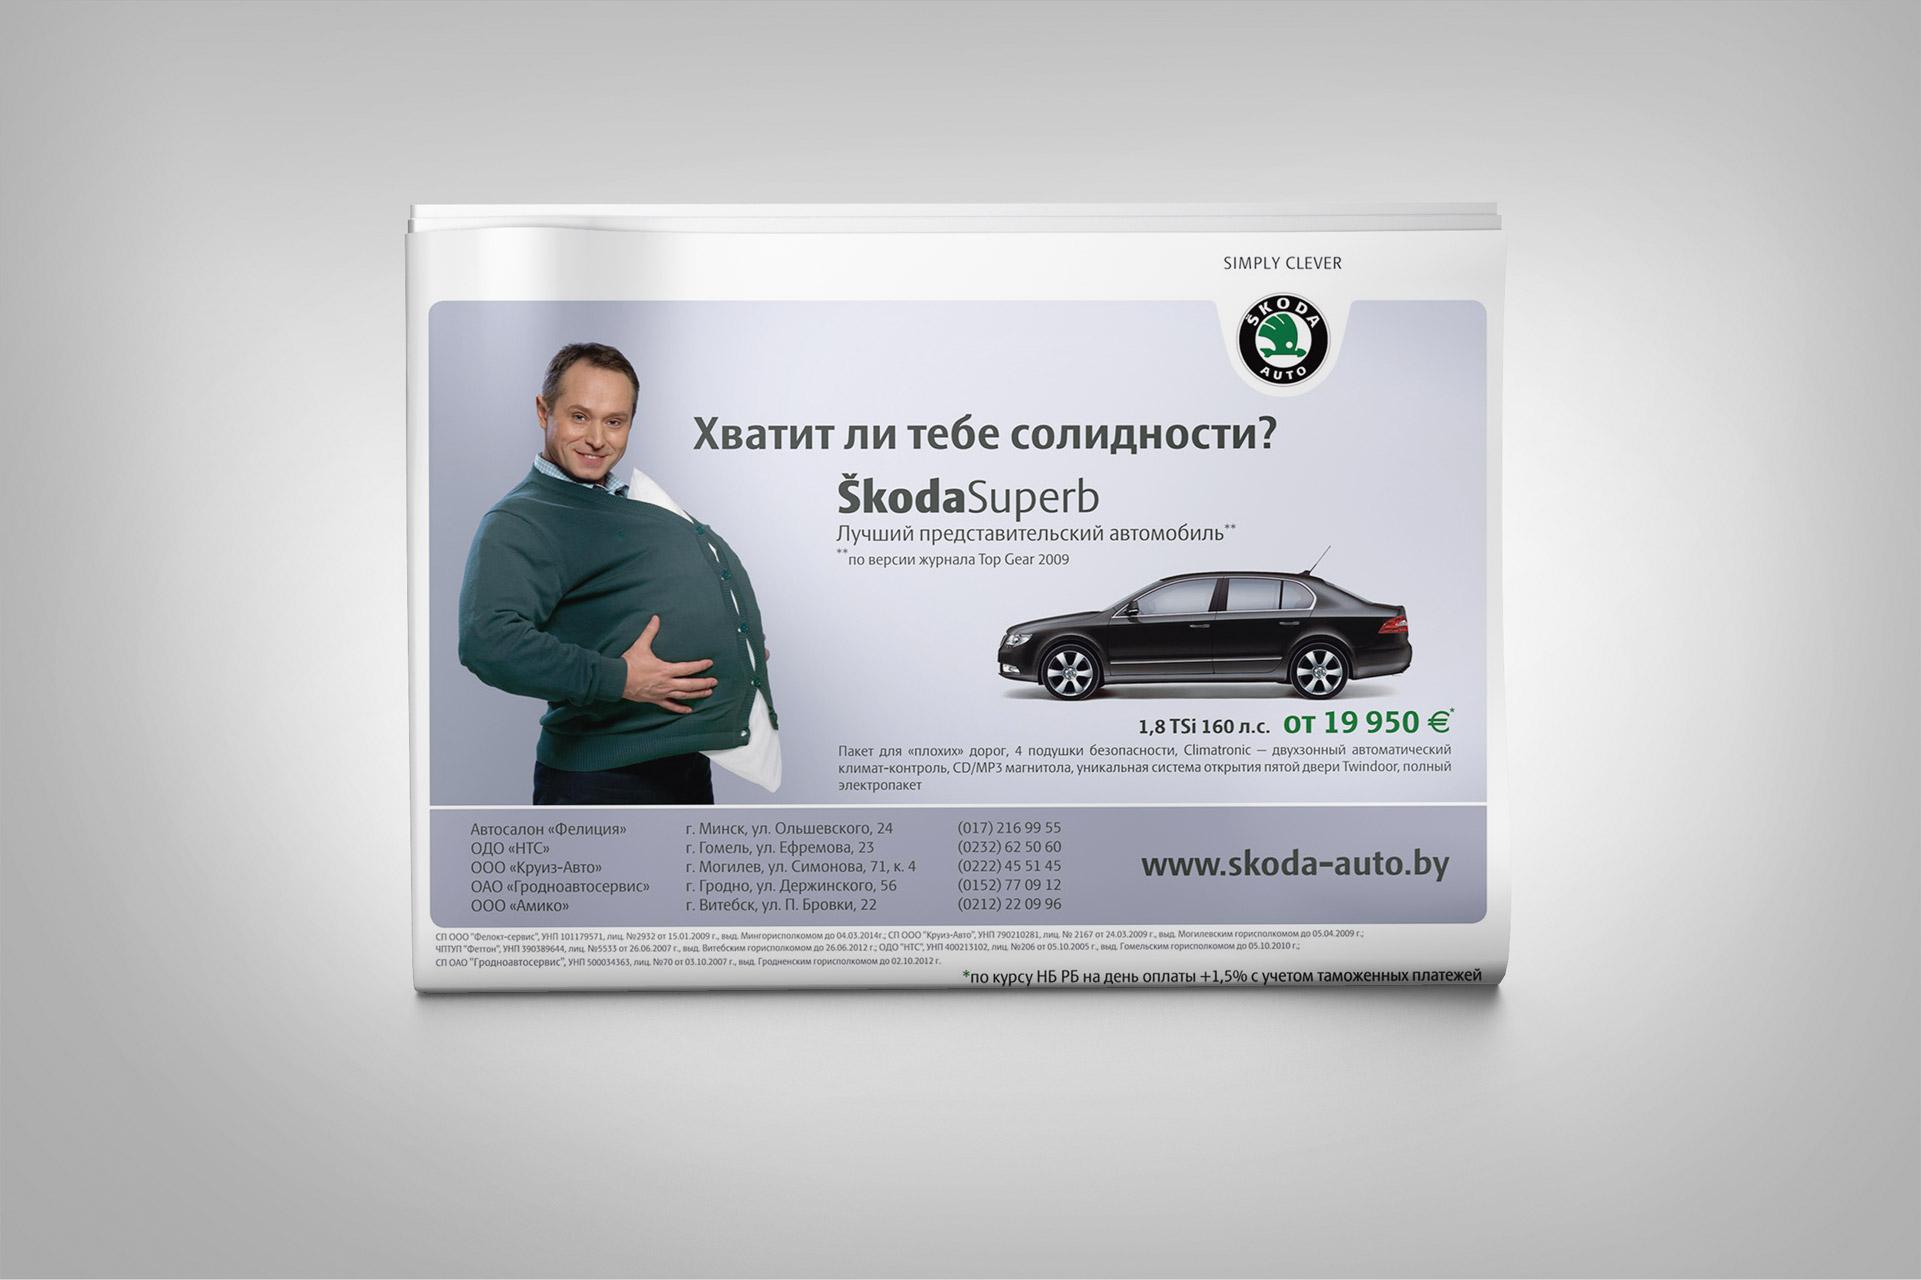 Skoda-хватит-ли-тебе-солидности-адаптация-рекламной-кампании